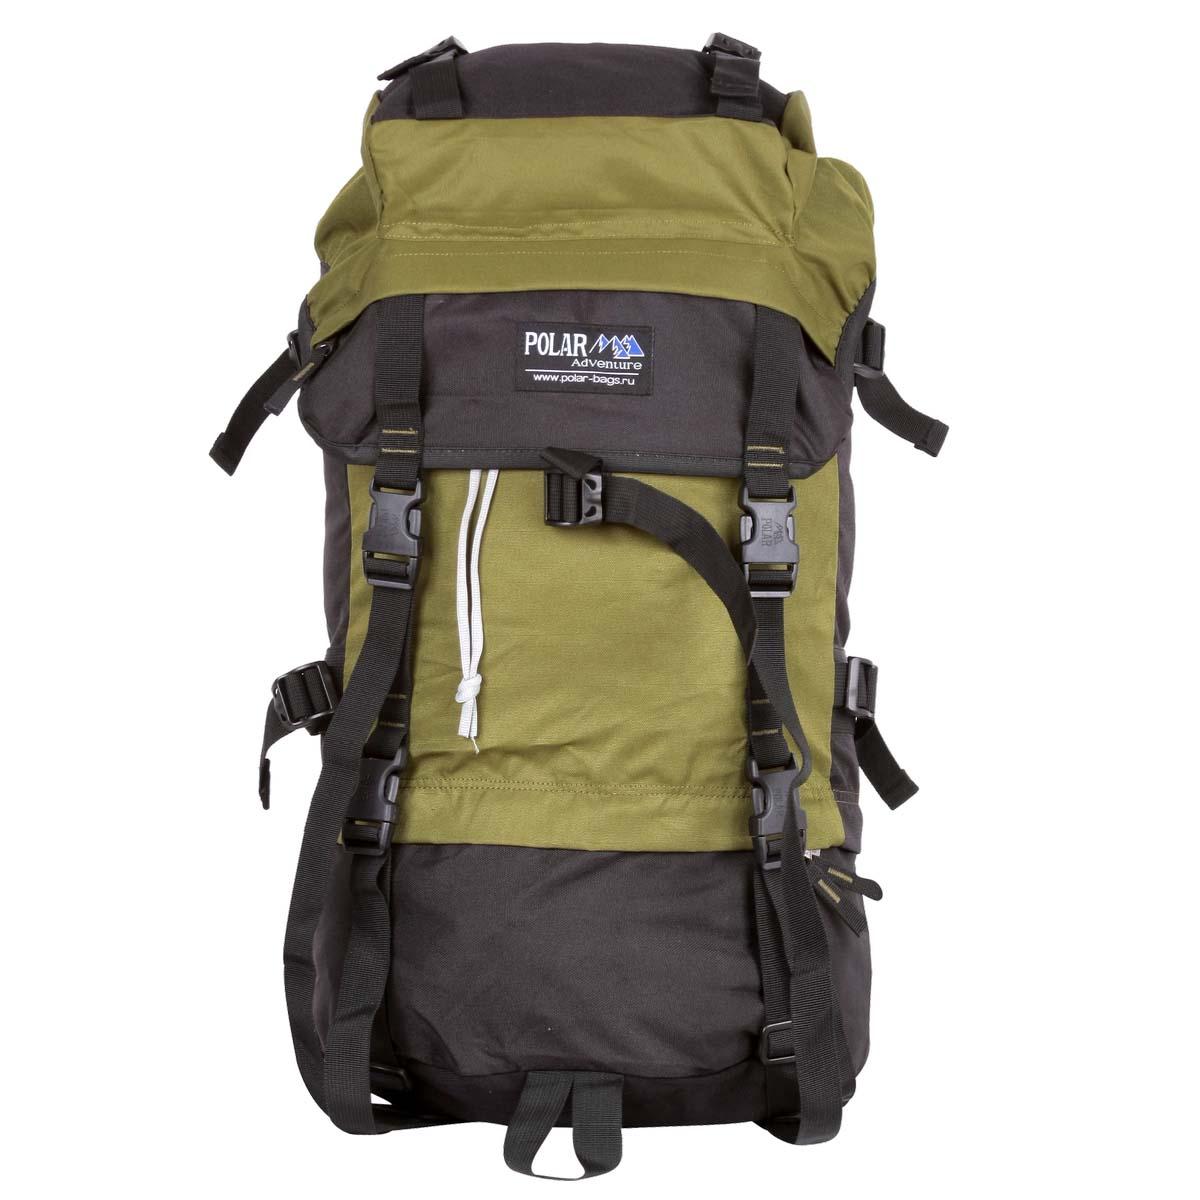 Рюкзак экспедиционный Polar, 45 л, цвет: темно-зеленый. П930-08